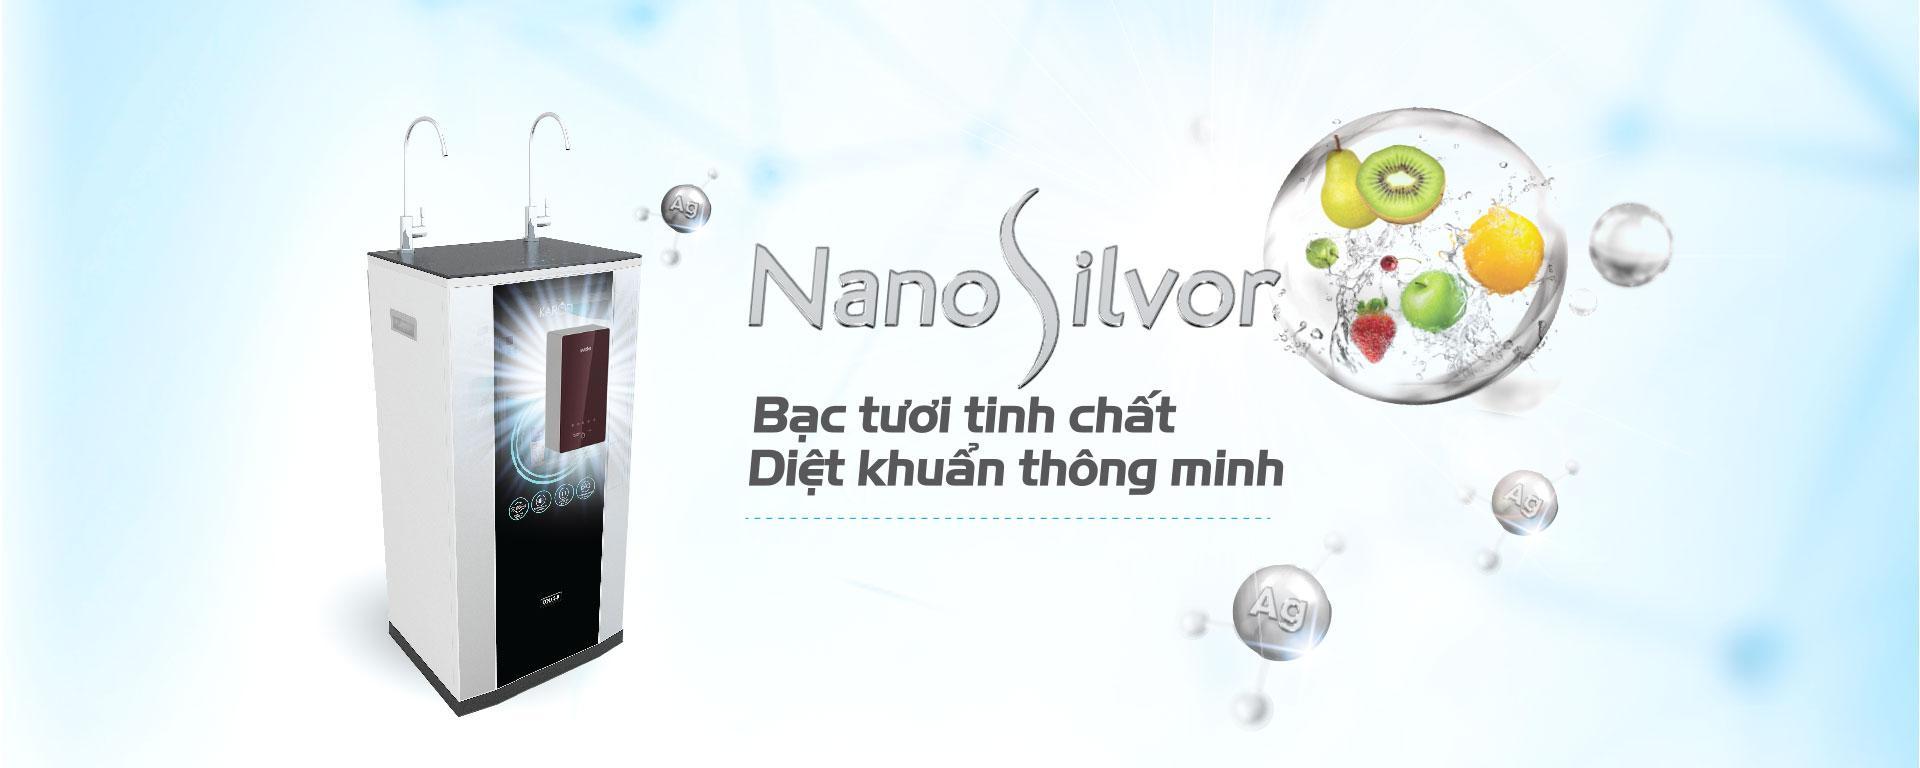 Nano Silvor - Bạc tươi nguyên chất